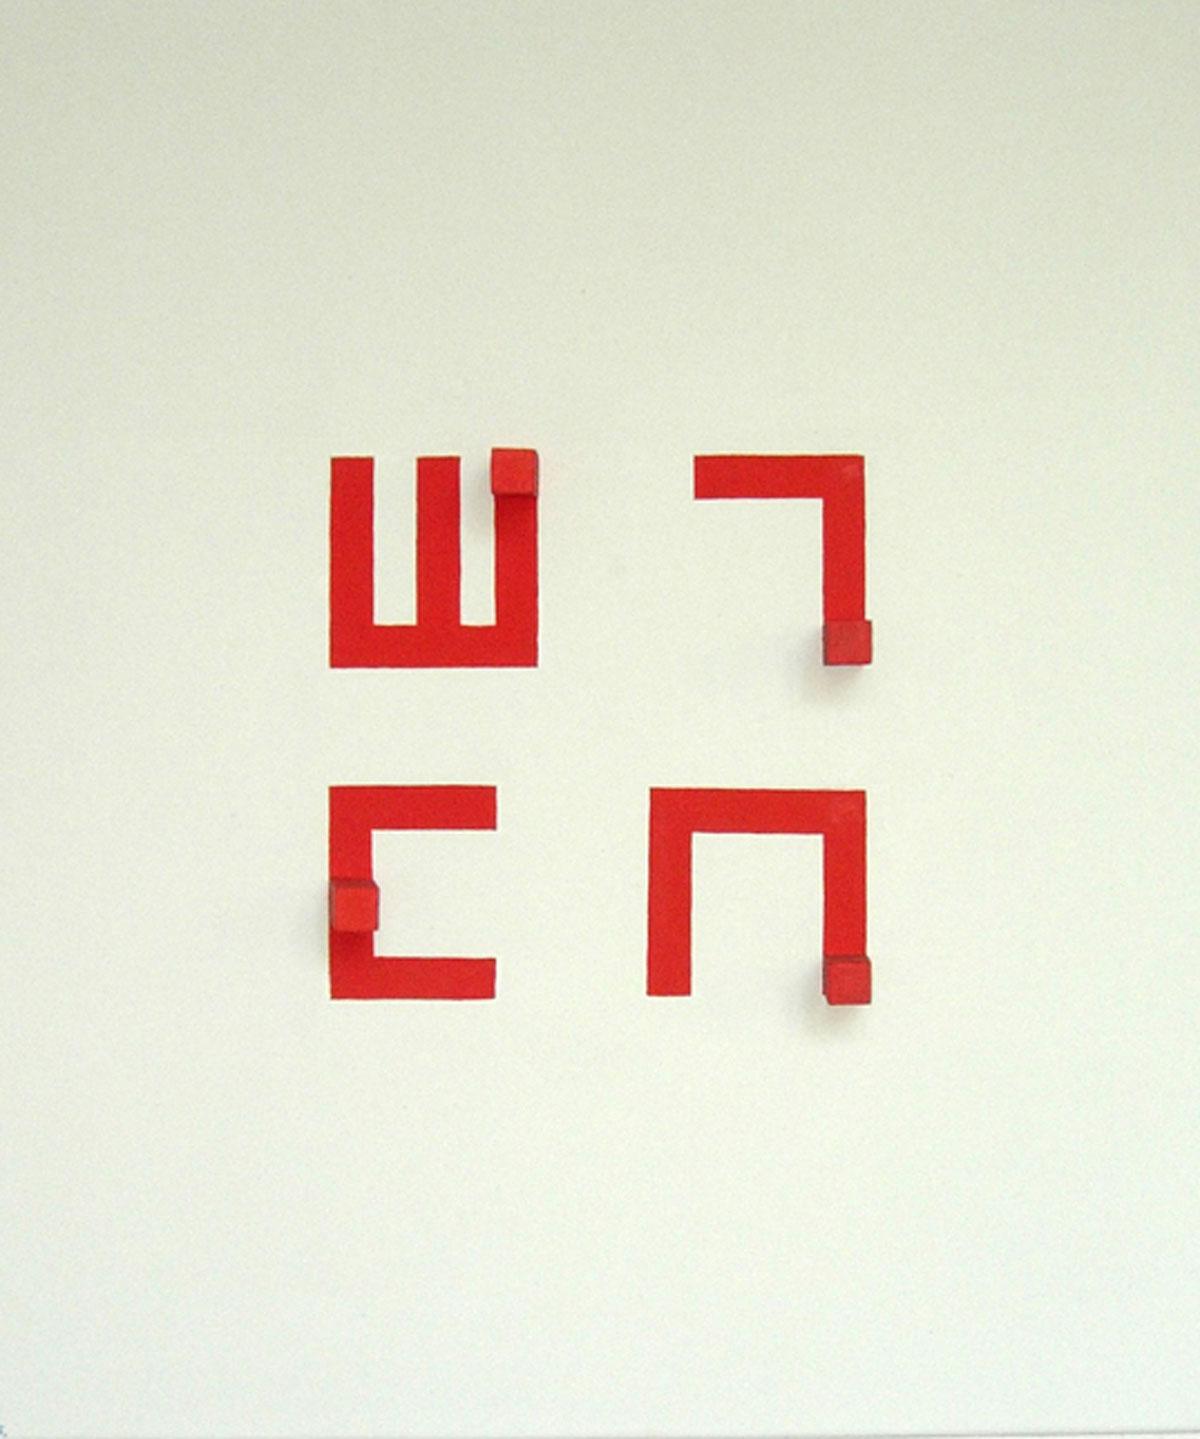 Igor Ganikowskij: Words